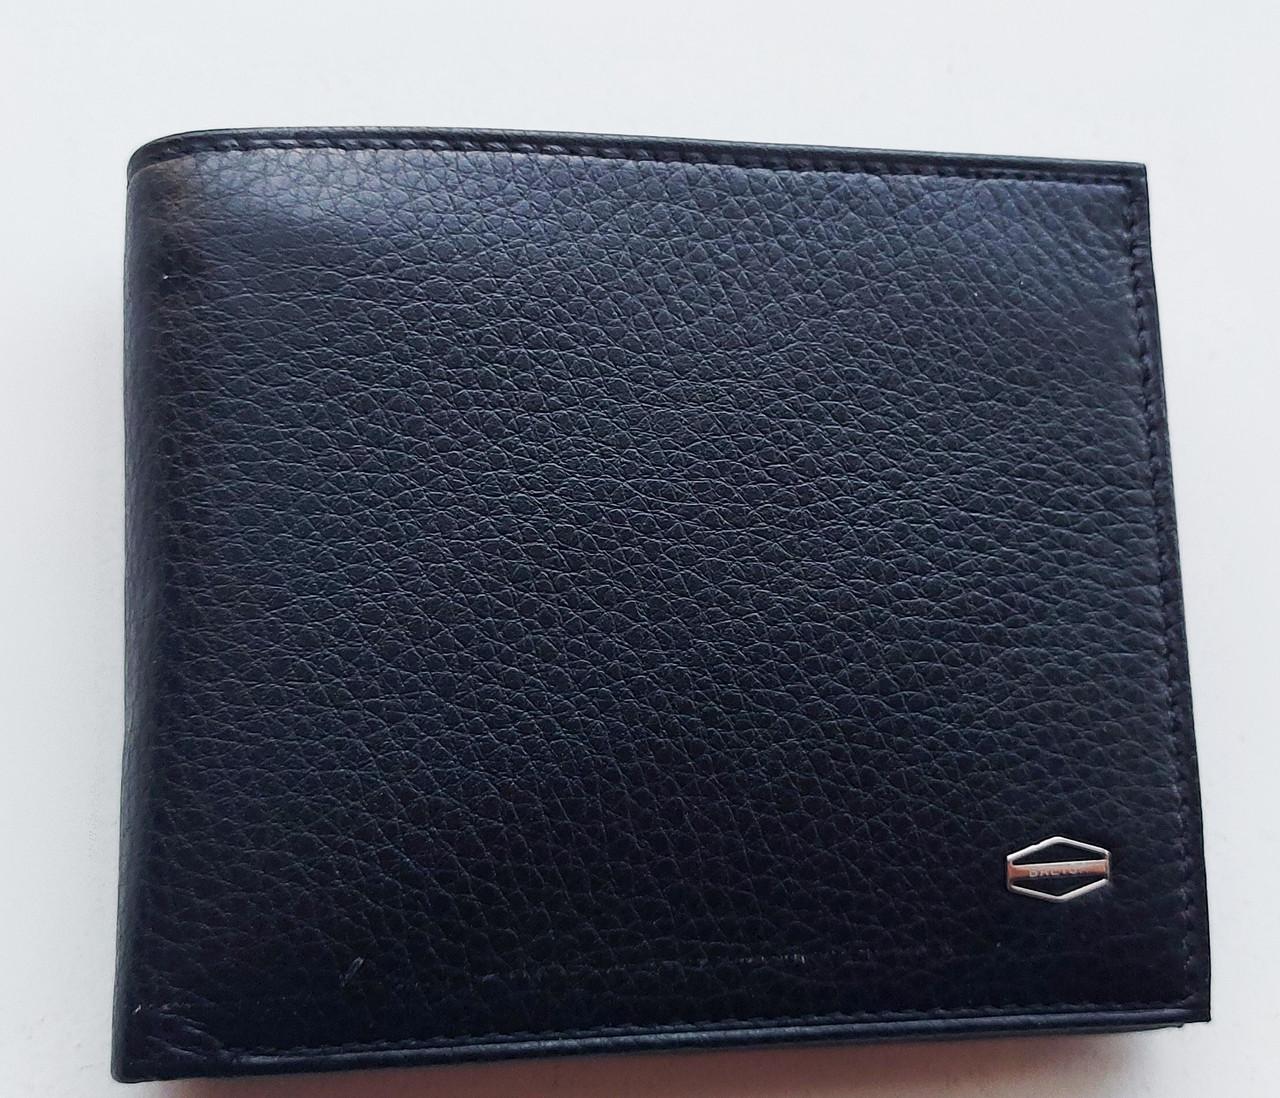 Мужское кожаное портмоне BA 2-10 black, купить мужское портмоне Balisa недорого в Украине